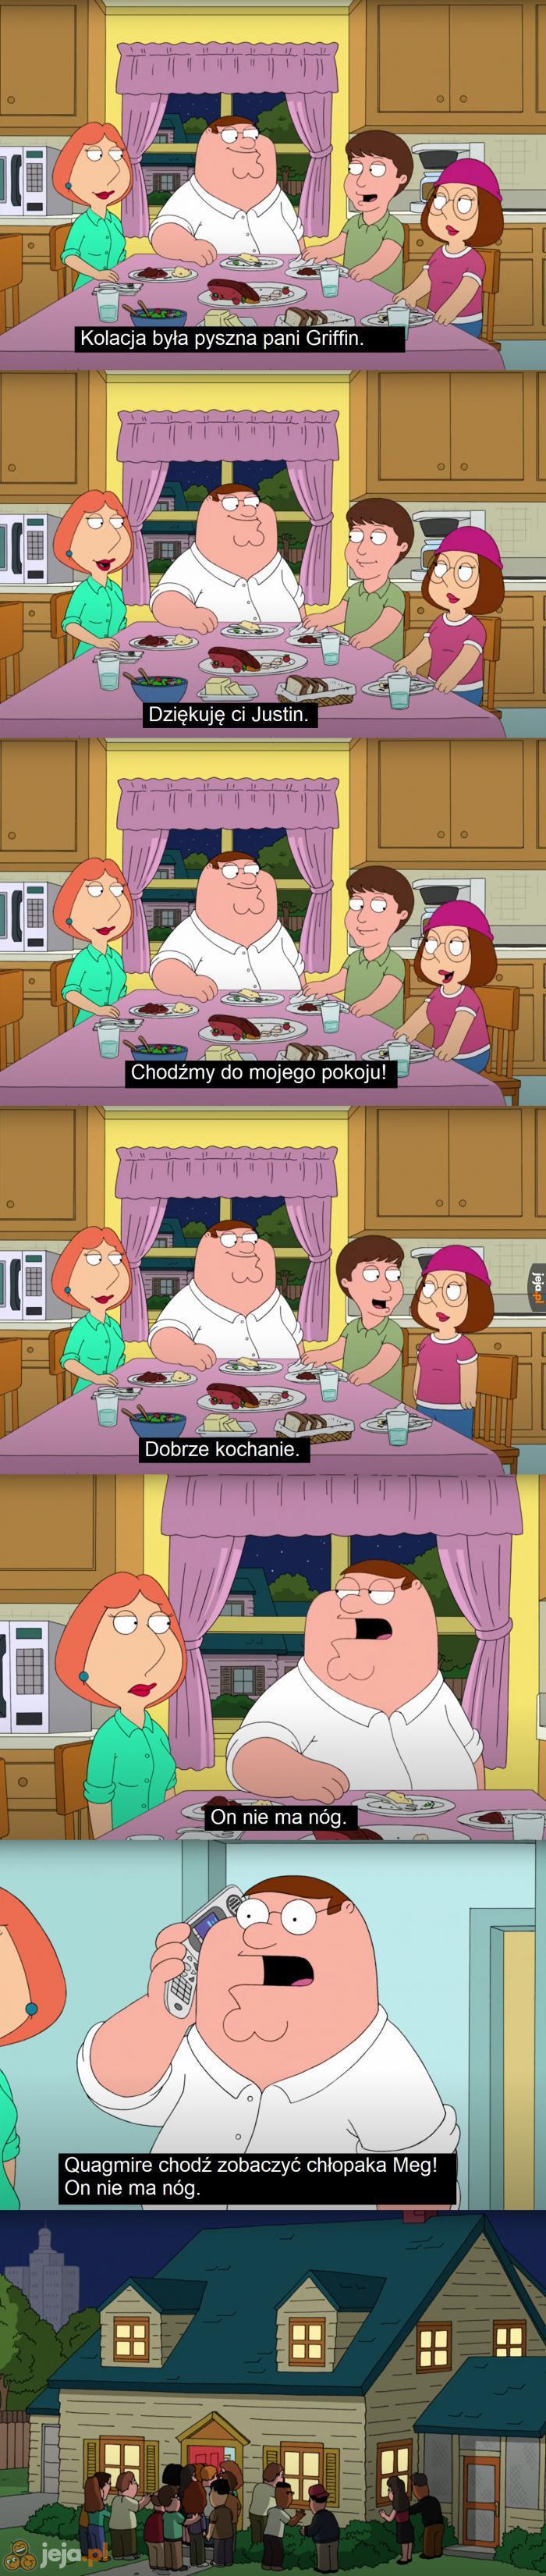 Najbardziej niezręczna kolacja z rodzicami dziewczyny w historii